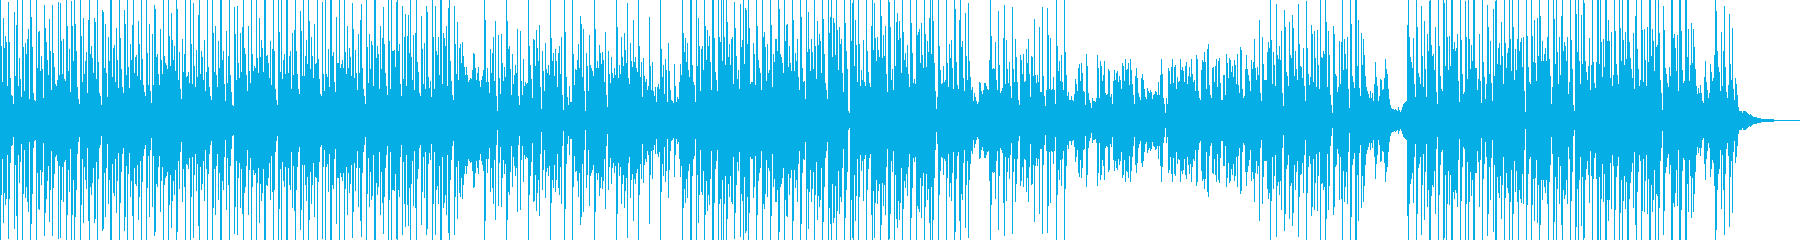 ウクレレ・和む雰囲気 短尺の再生済みの波形